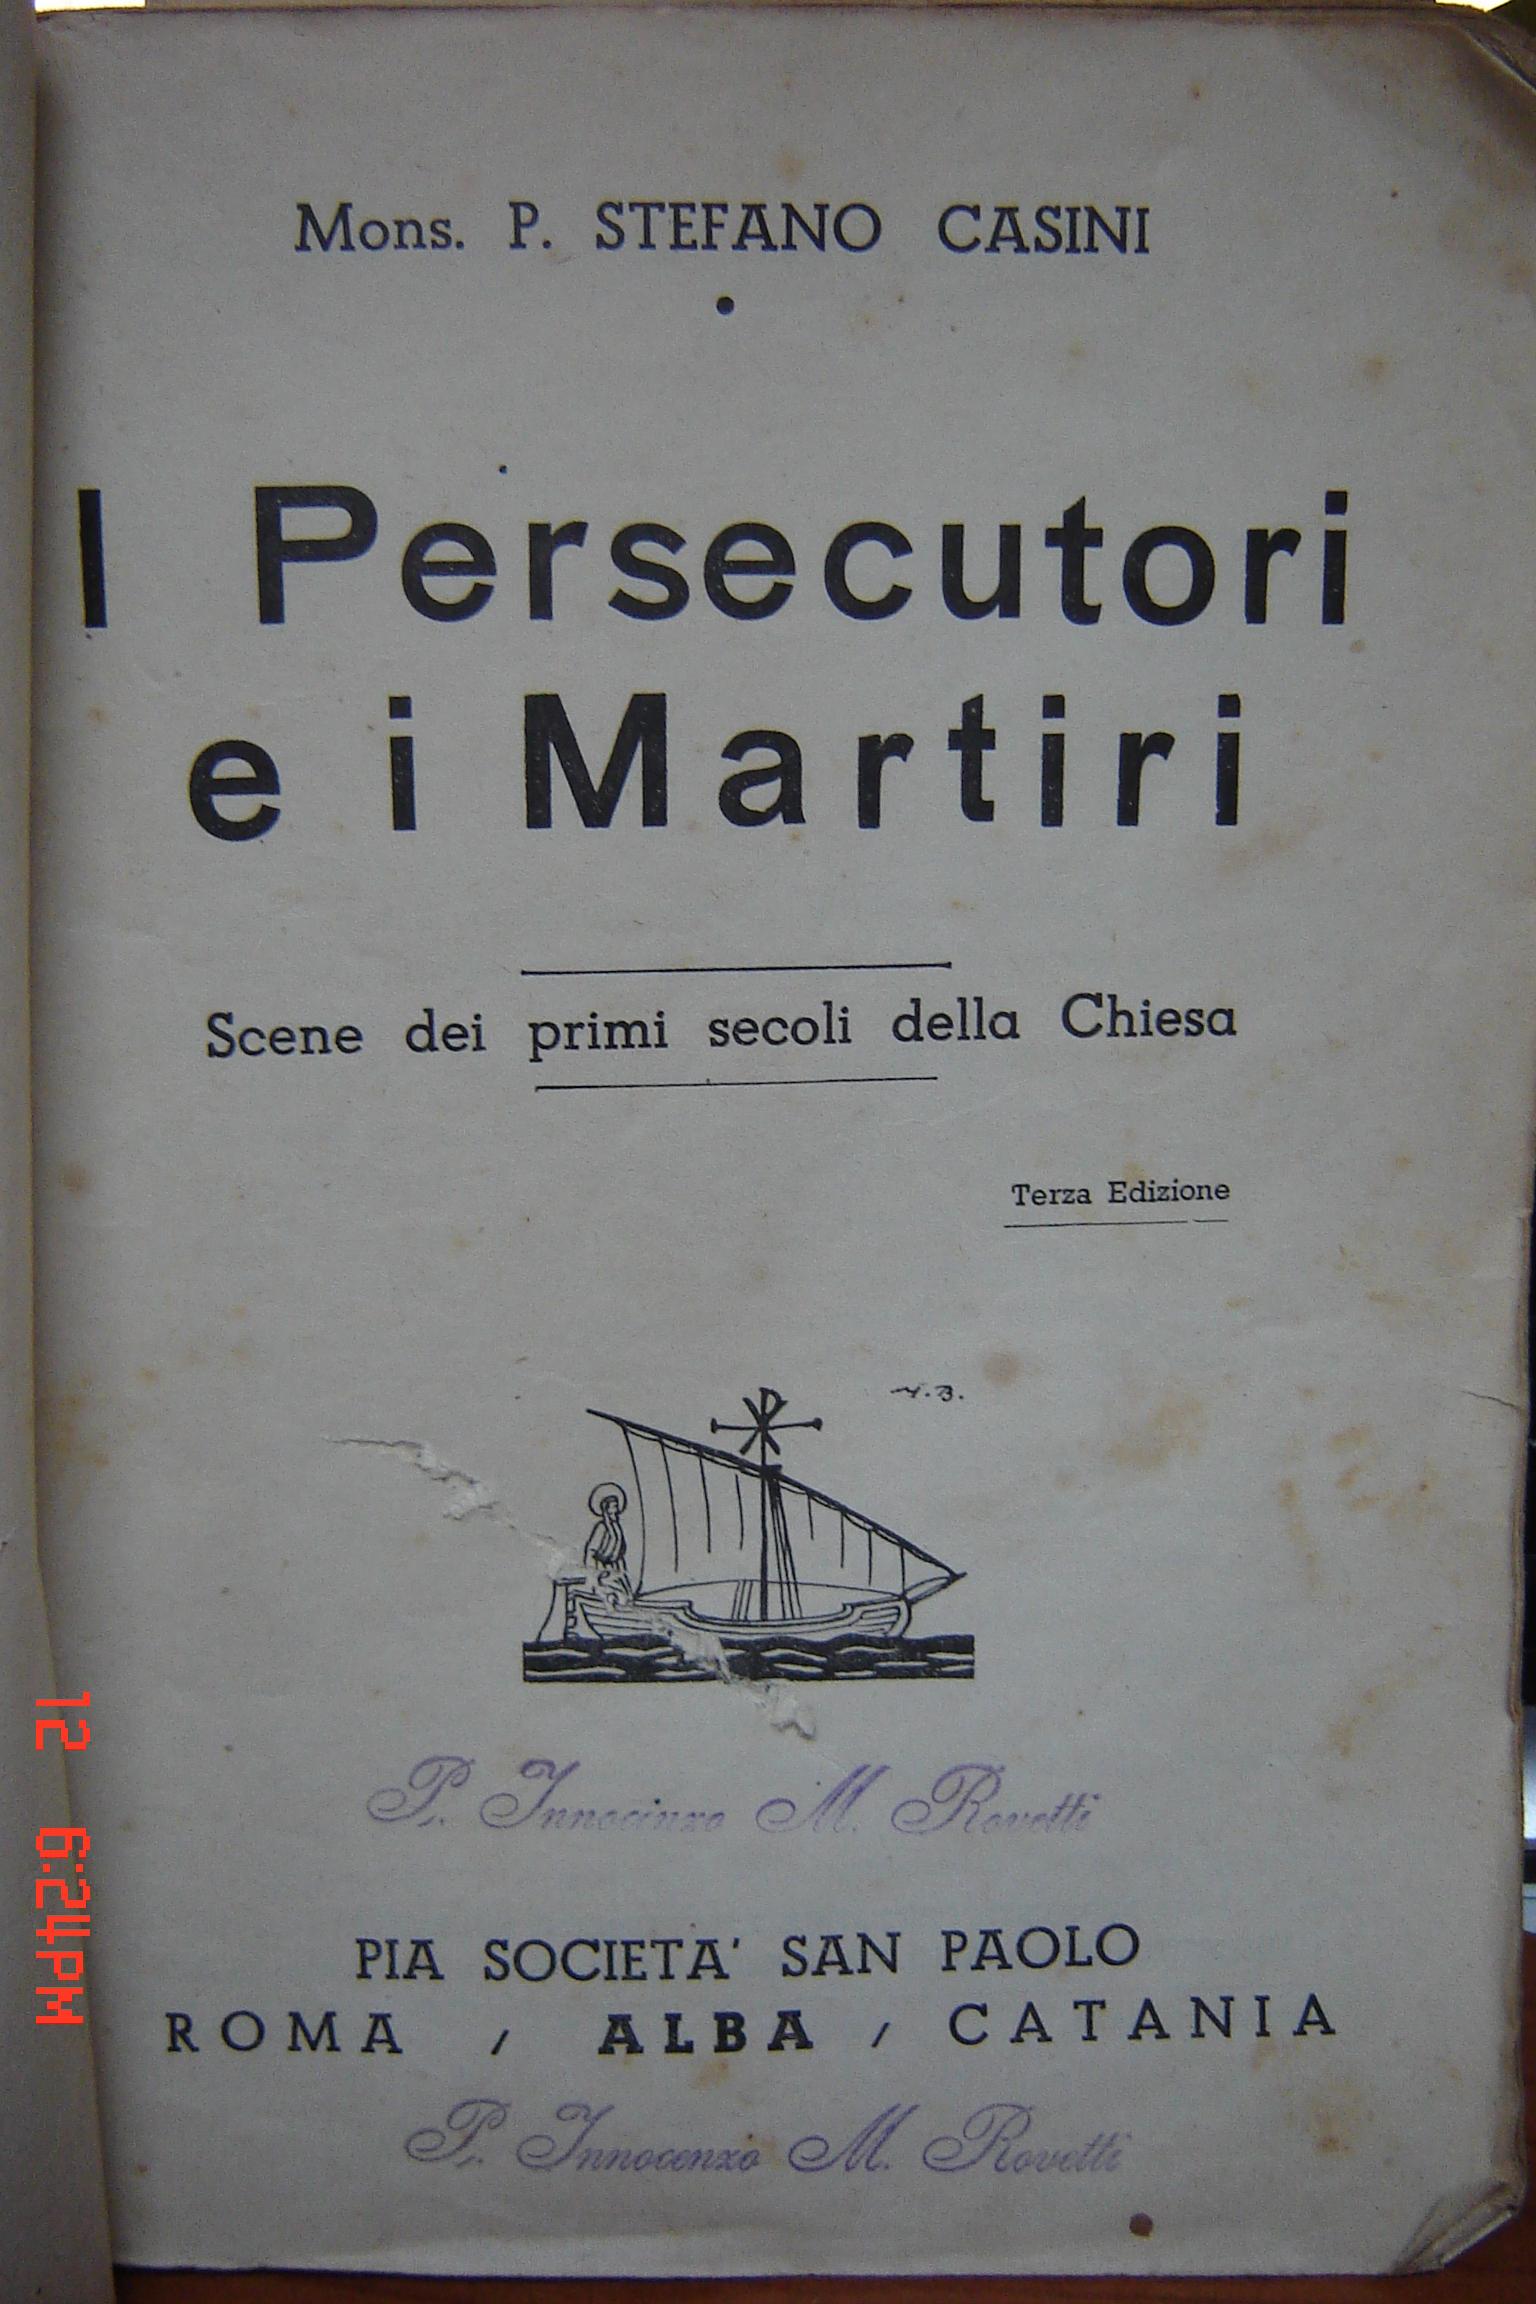 I persecutori e i martiri